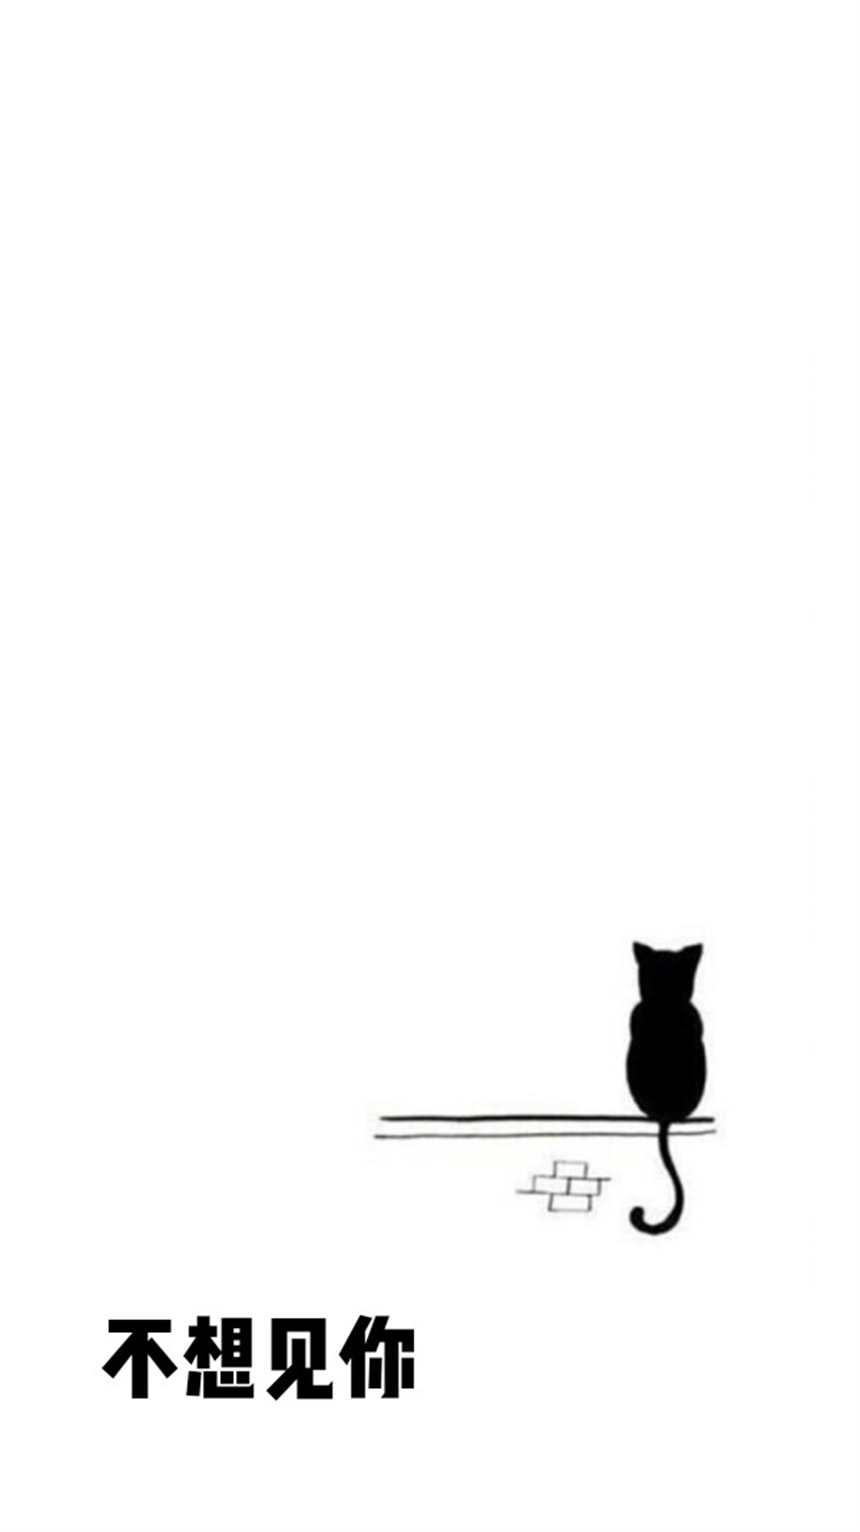 我讨厌你#卡通#猫咪